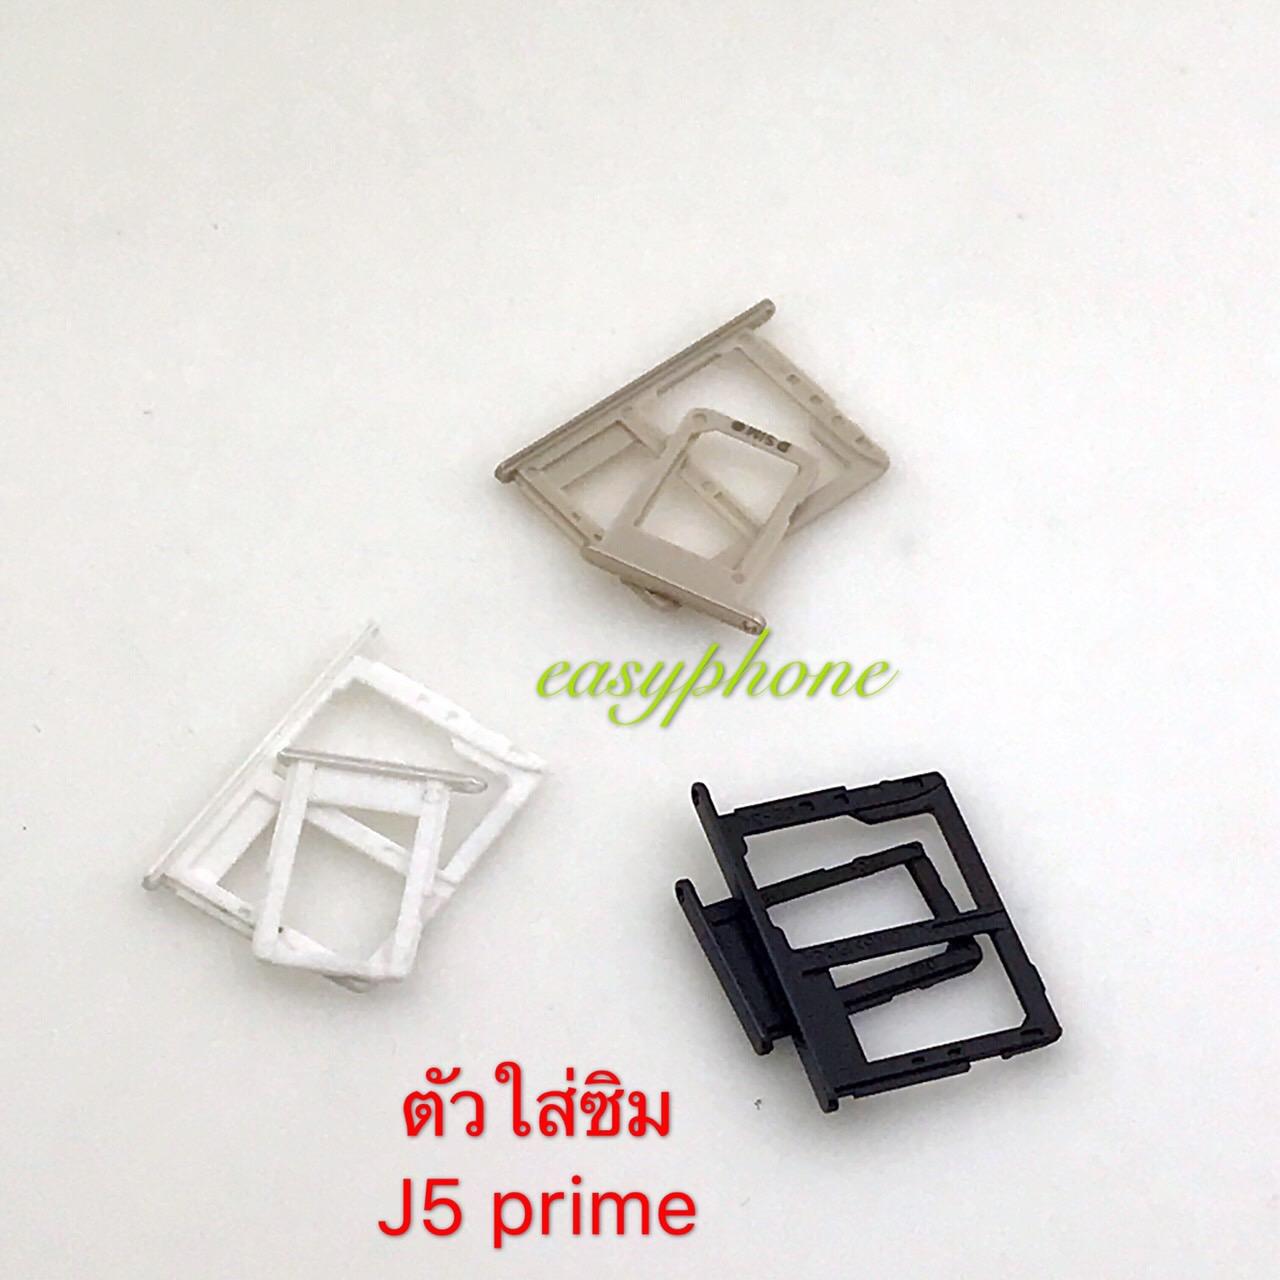 ตัวใส่ซิม Samsung J5 Prime